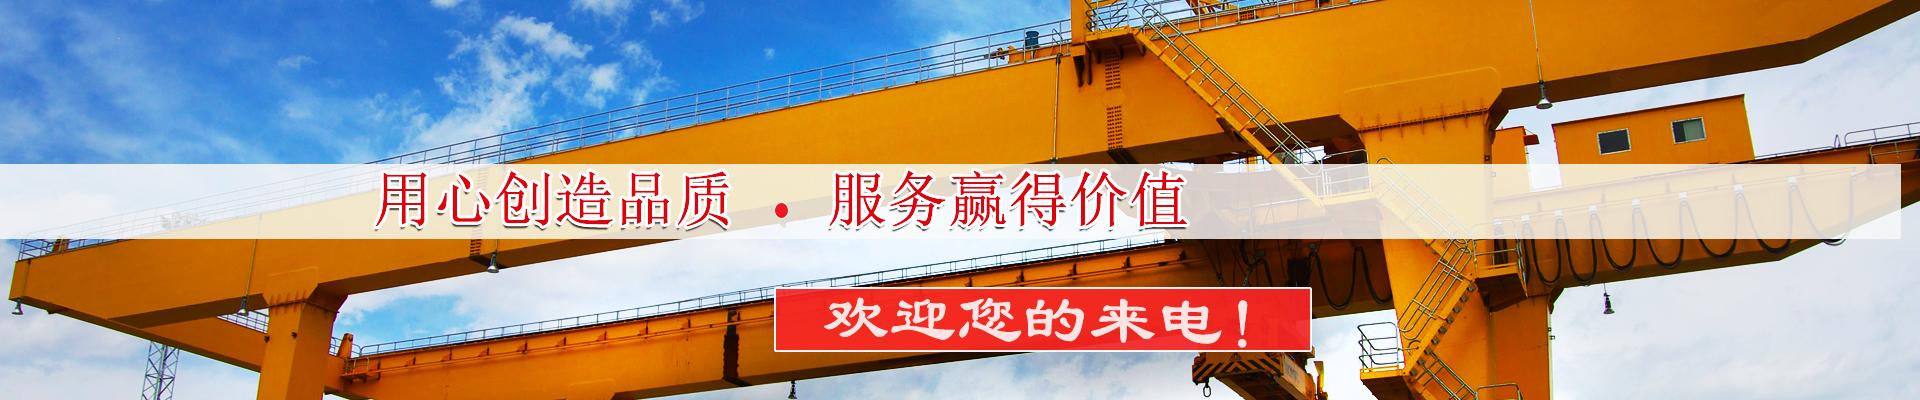 http://www.kuangshanjituan.com/data/images/slide/20191205140638_878.jpg